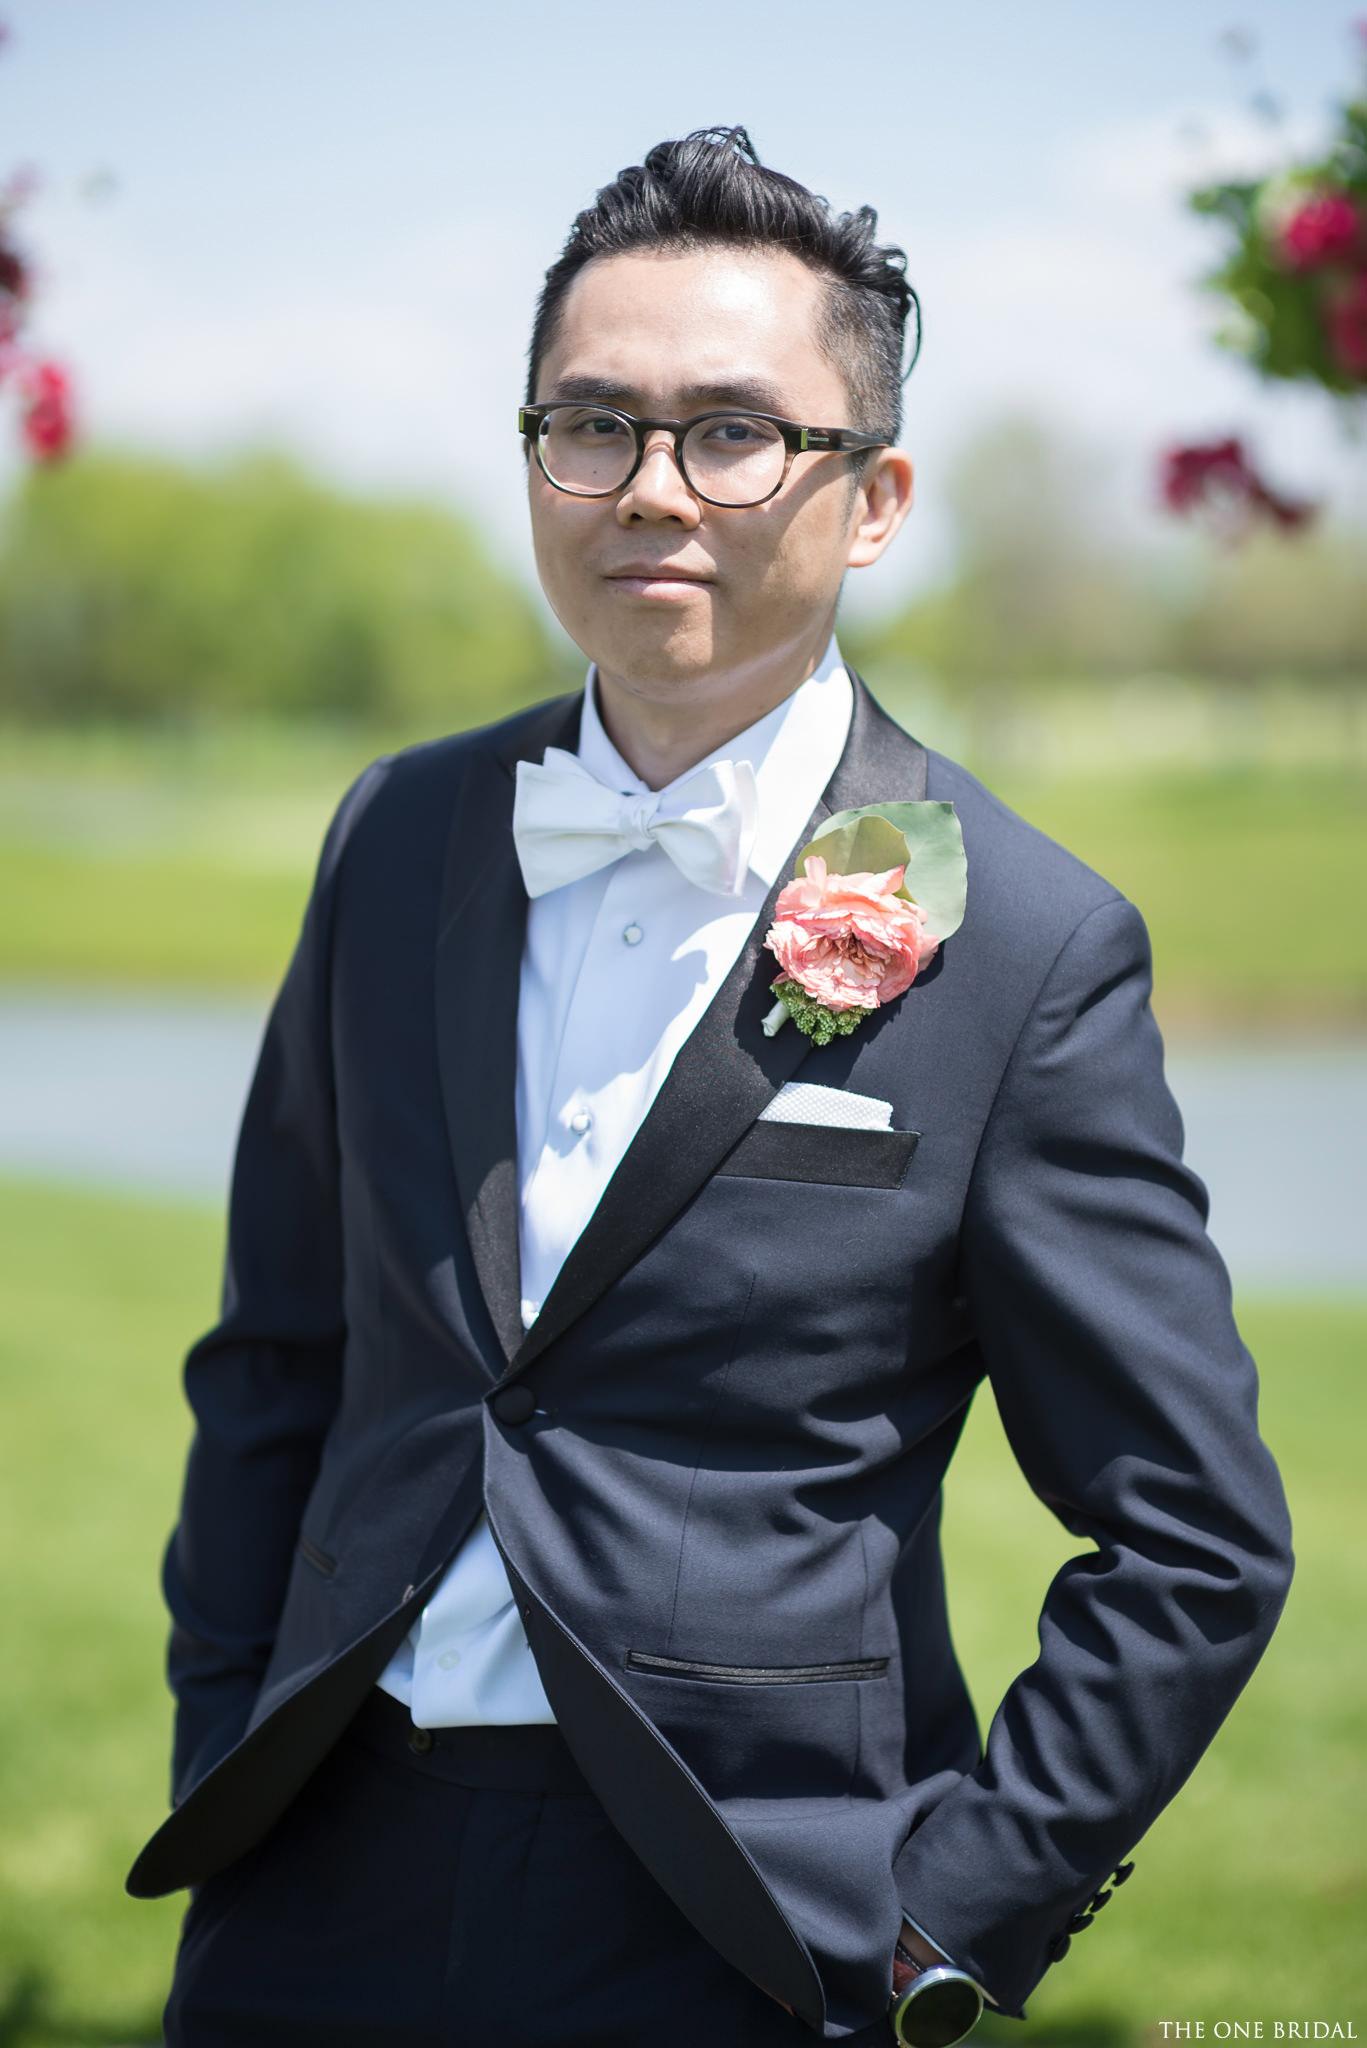 mandarin-golf-club-wedding-markham-the-one-bridal-018